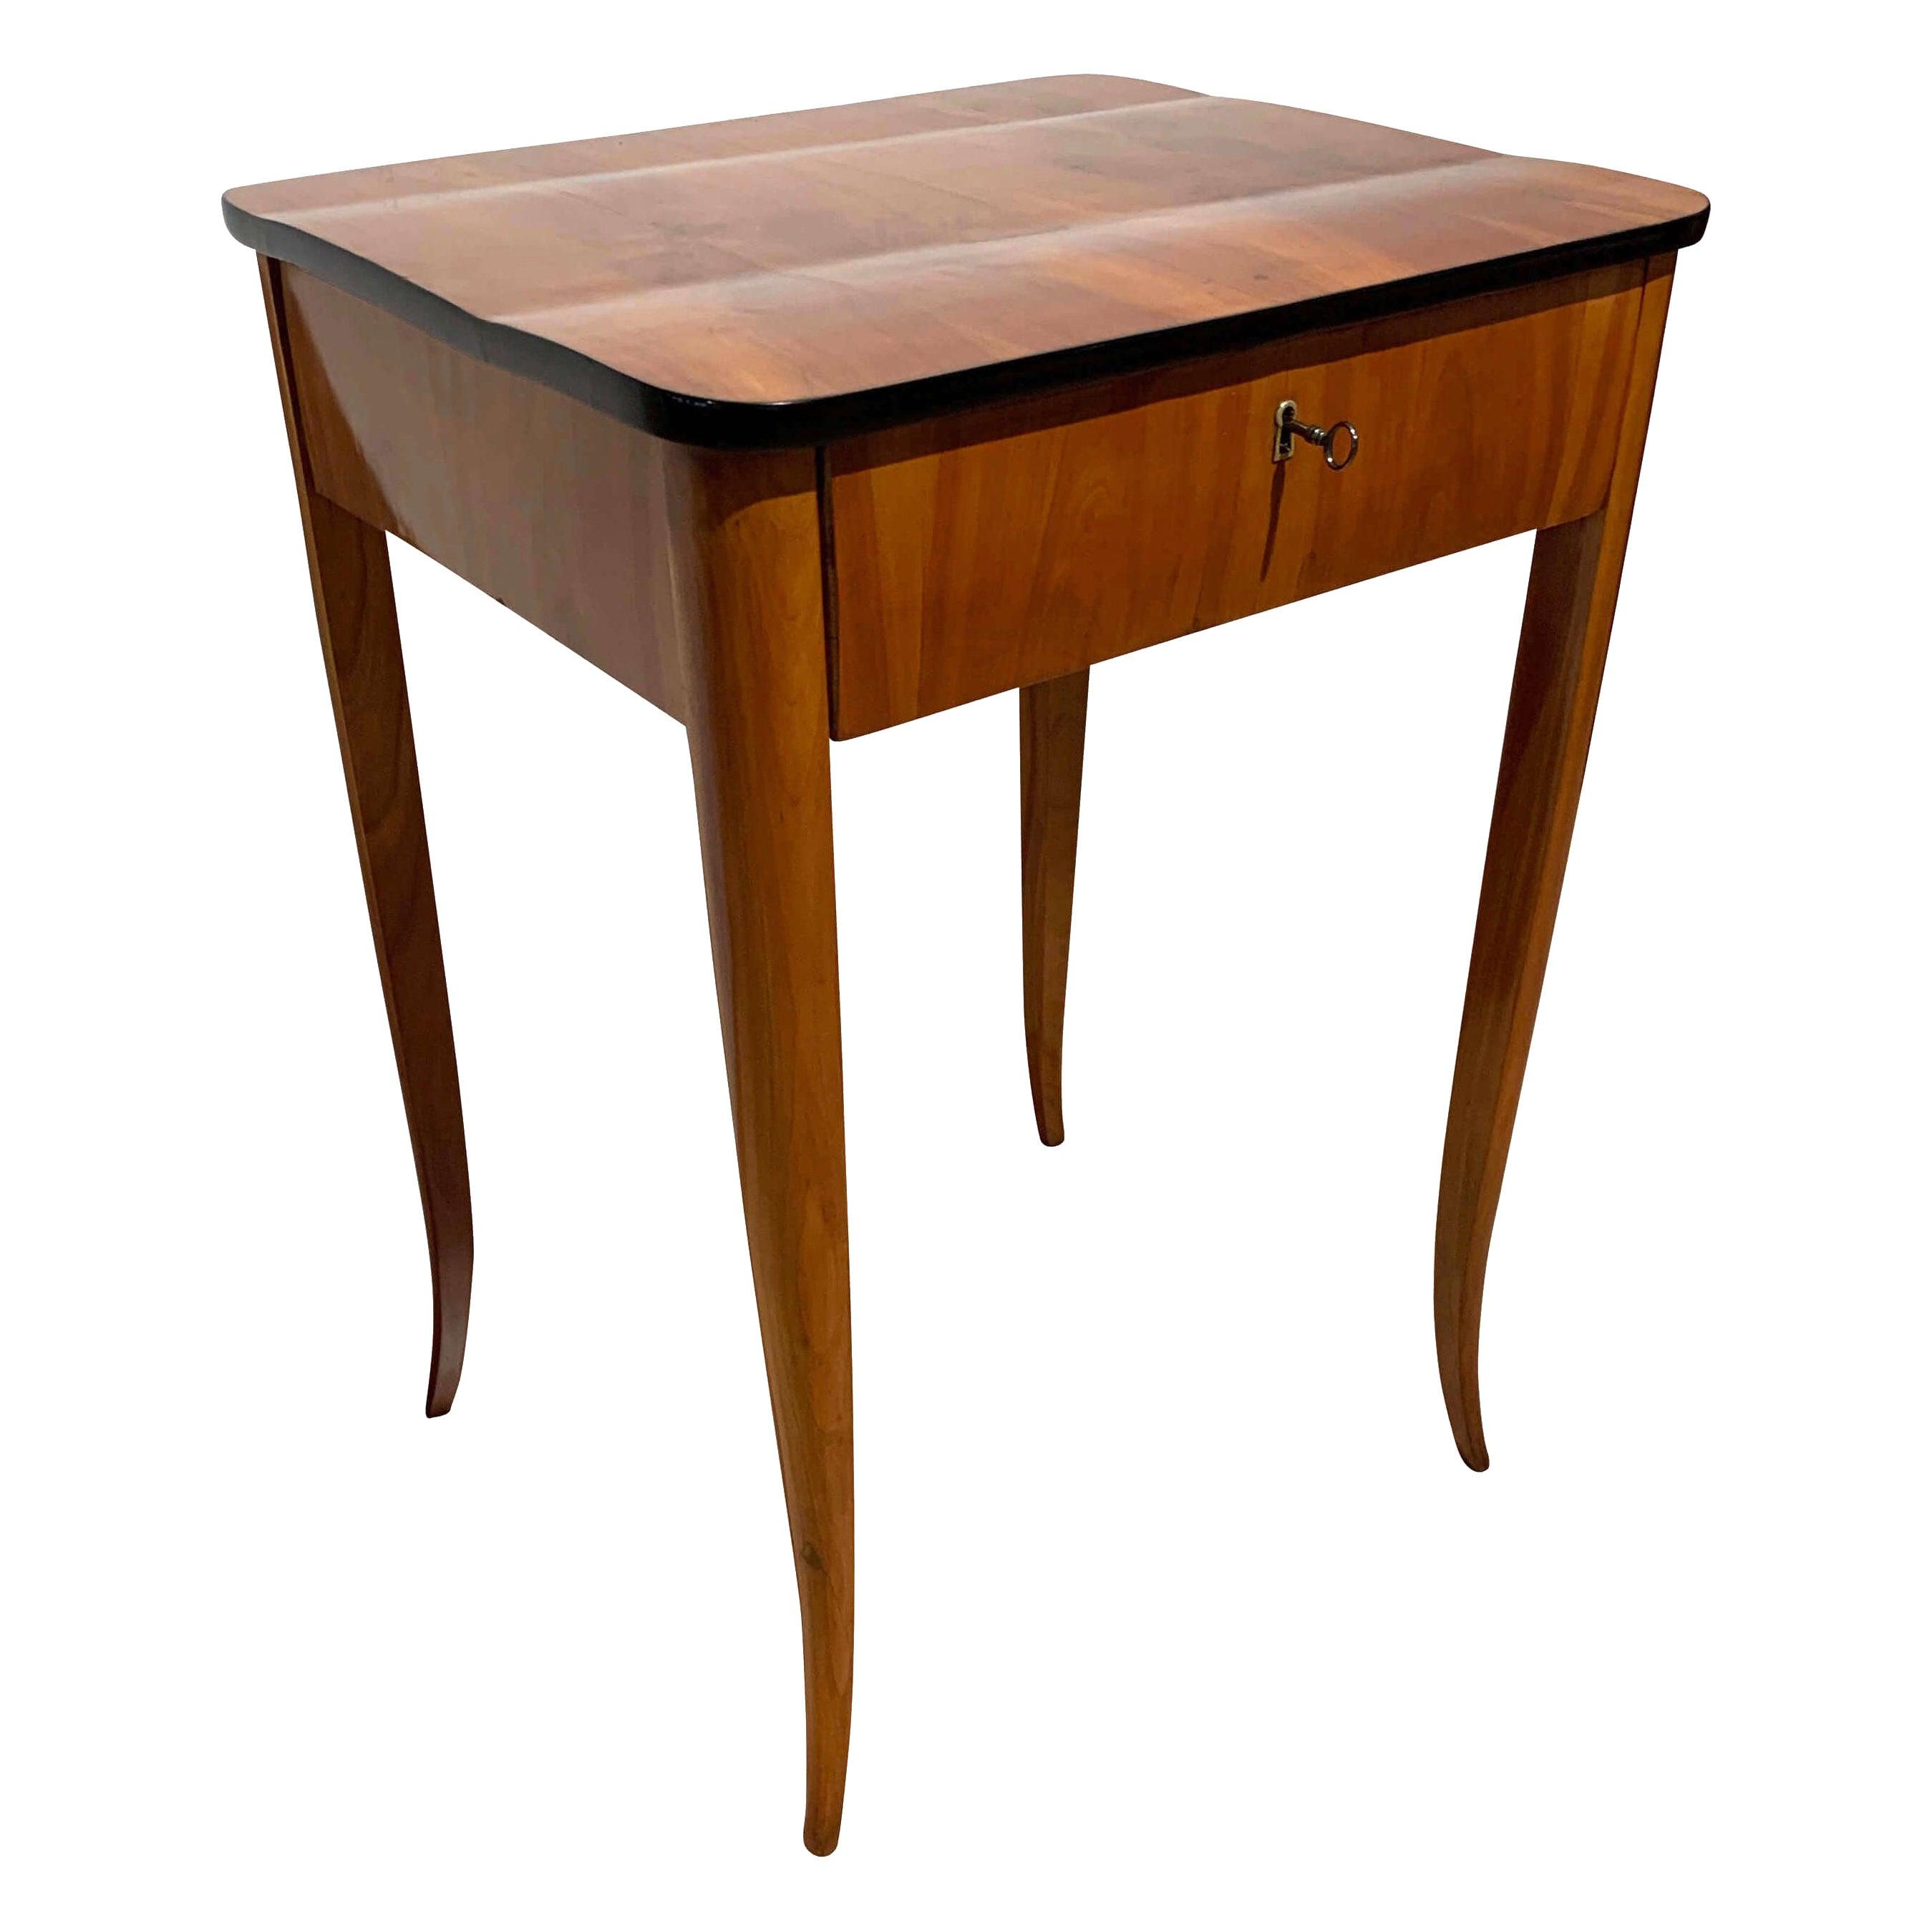 Biedermeier Sewing / Side Table, Cherry Veneer, South Germany, circa 1830